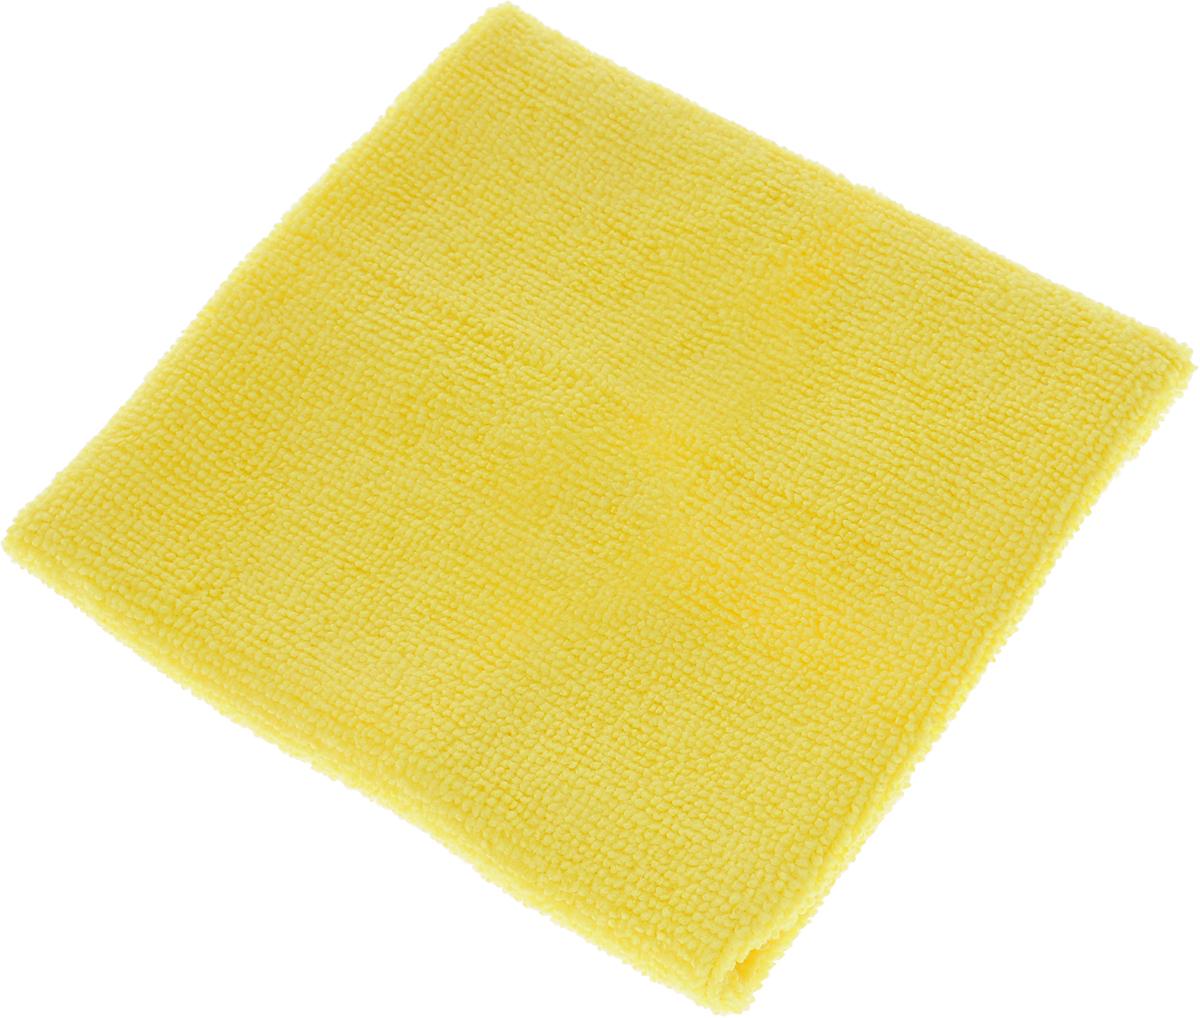 Салфетка LarangE, супервлаговпитывающая, универсальная, цвет: желтый, 30 х 30 см625-303Салфетка LarangE, изготовленная из полиамида и полиэфира, предназначена для очищения загрязнений на любых поверхностях. Изделие обладает высокой износоустойчивостью и рассчитано на многократное использование, легко моется в теплой воде с мягкими чистящими средствами. Впитывающая салфетка не оставляет разводов и ворсинок, идеальна для стеклянных и блестящих поверхностей, удаляет большинство жирных и маслянистых загрязнений без использования химических средств. Не царапает поверхность и впитывает гораздо больше воды, чем обычная ткань. Подходит для сухой и влажной уборки. Материал: 20% полиамид, 80% полиэстер.